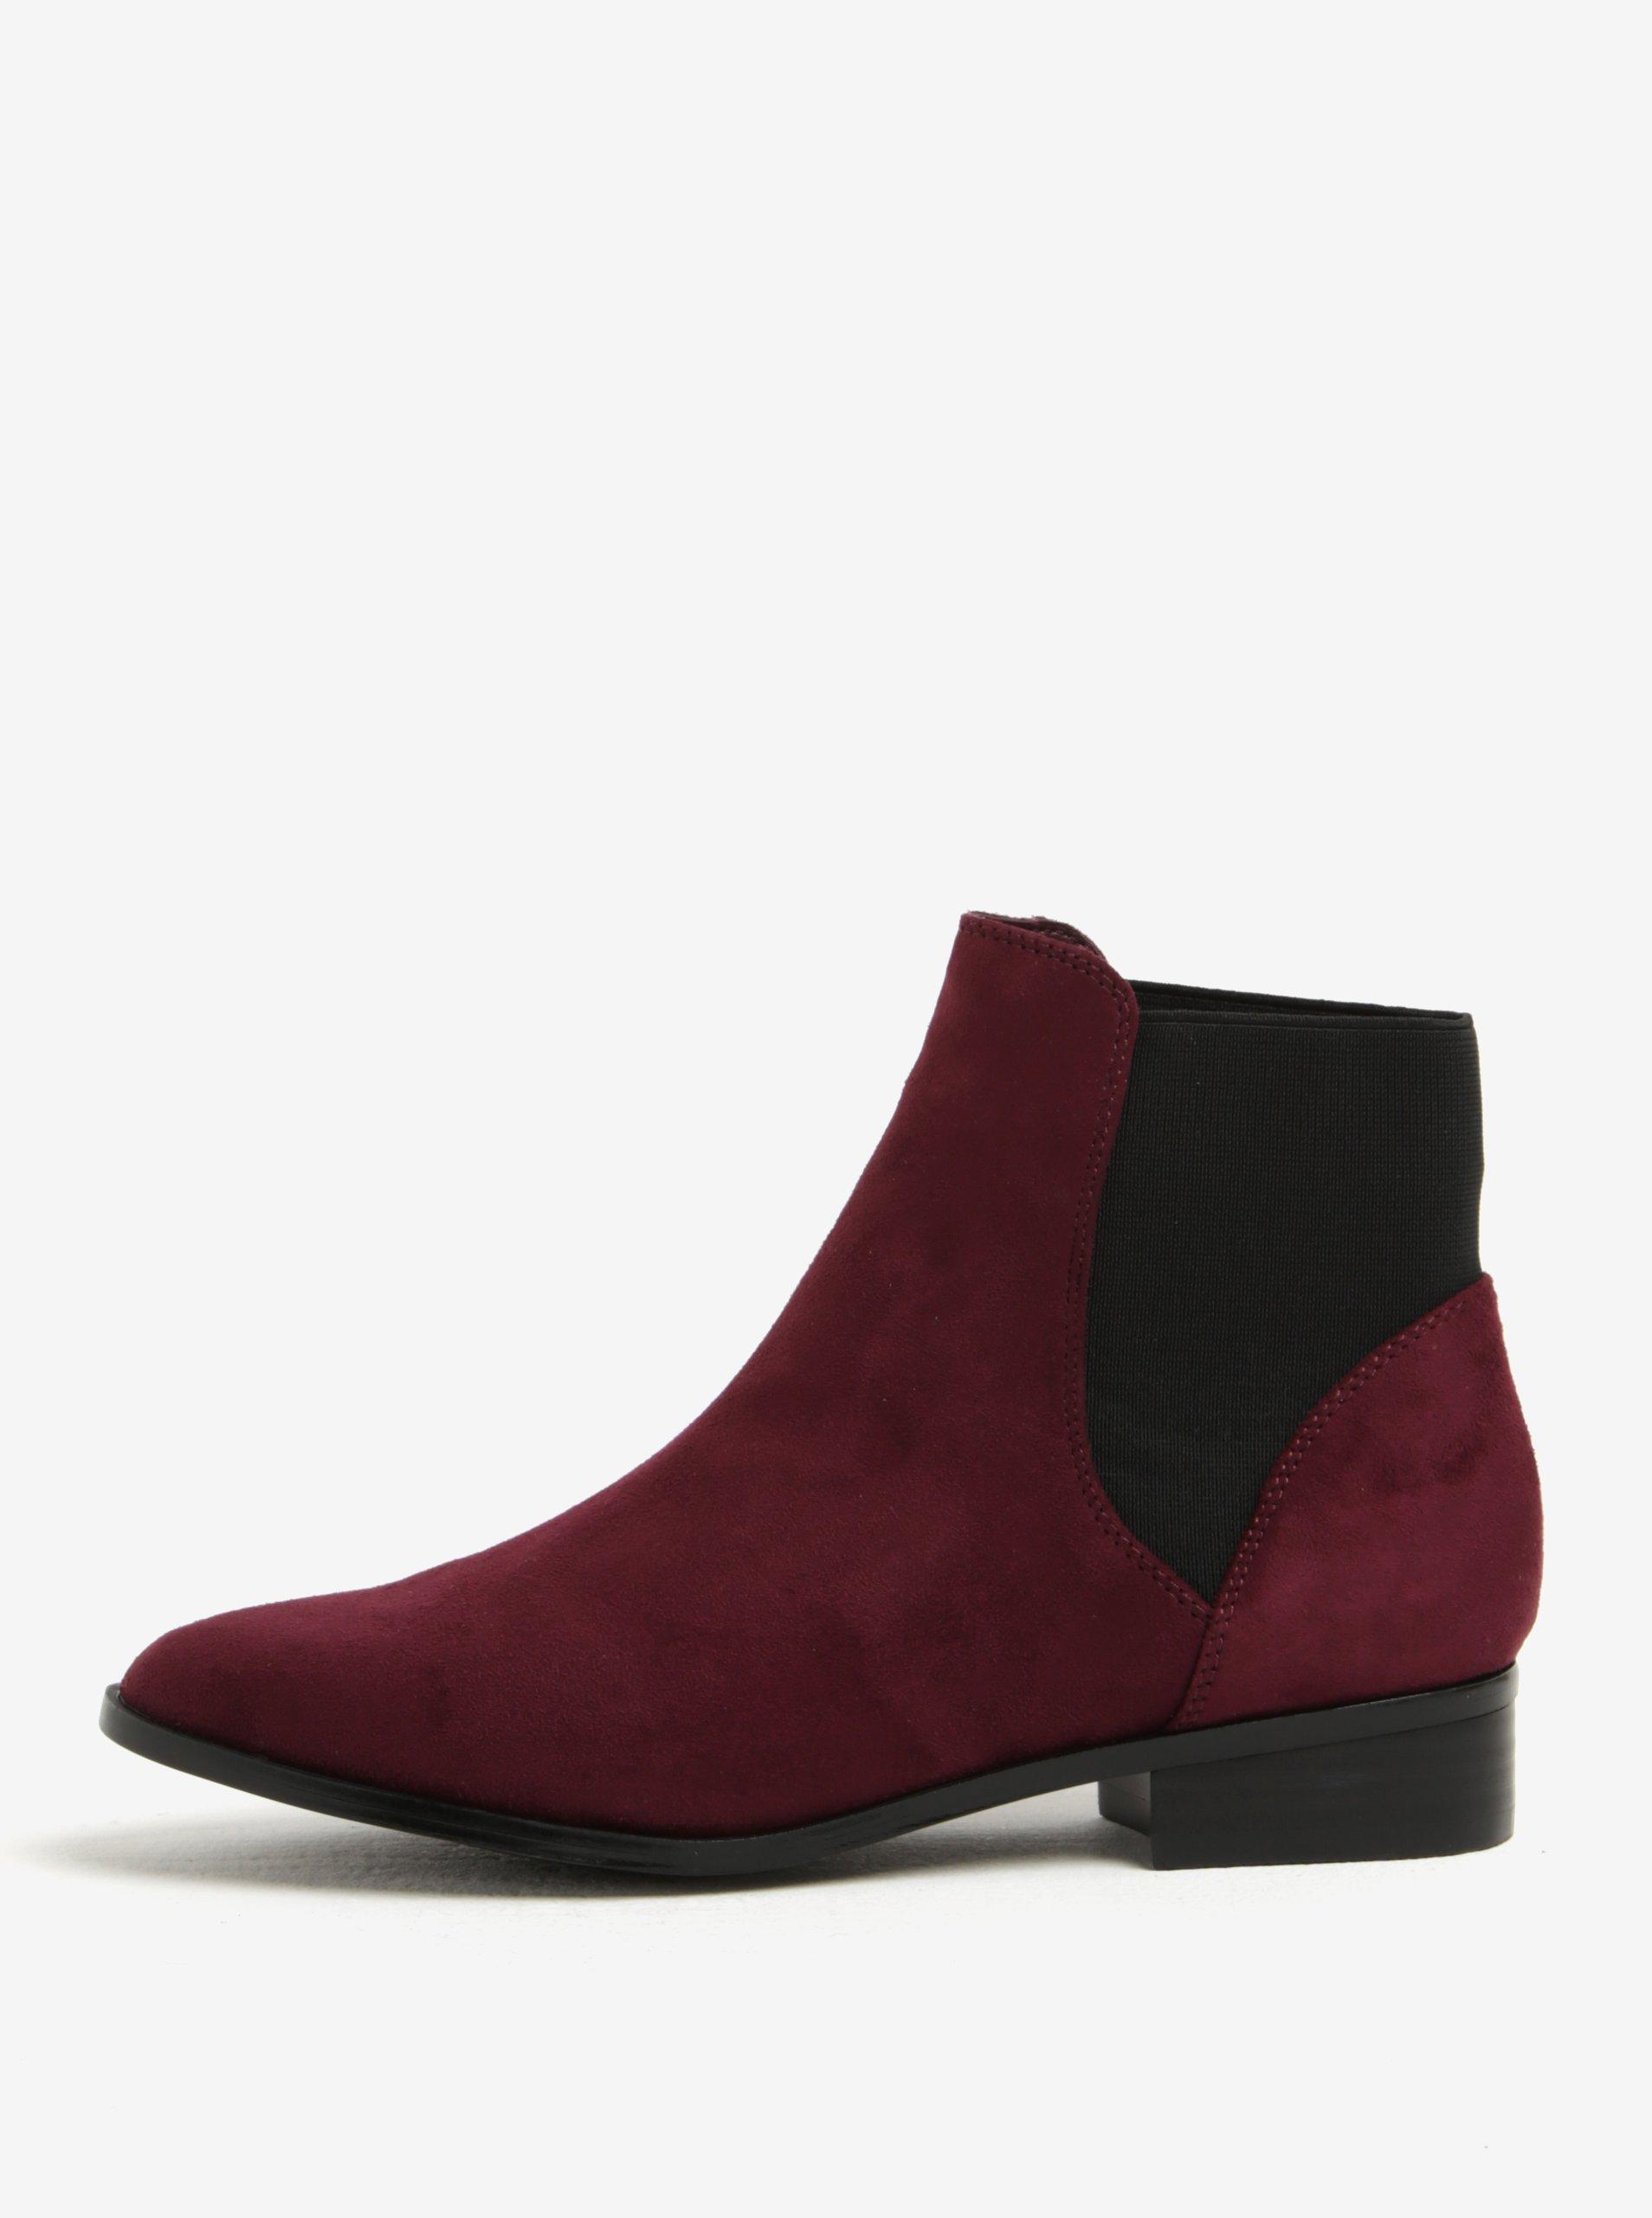 Vínové dámské chelsea boty v semišové úpravě ALDO Nydia